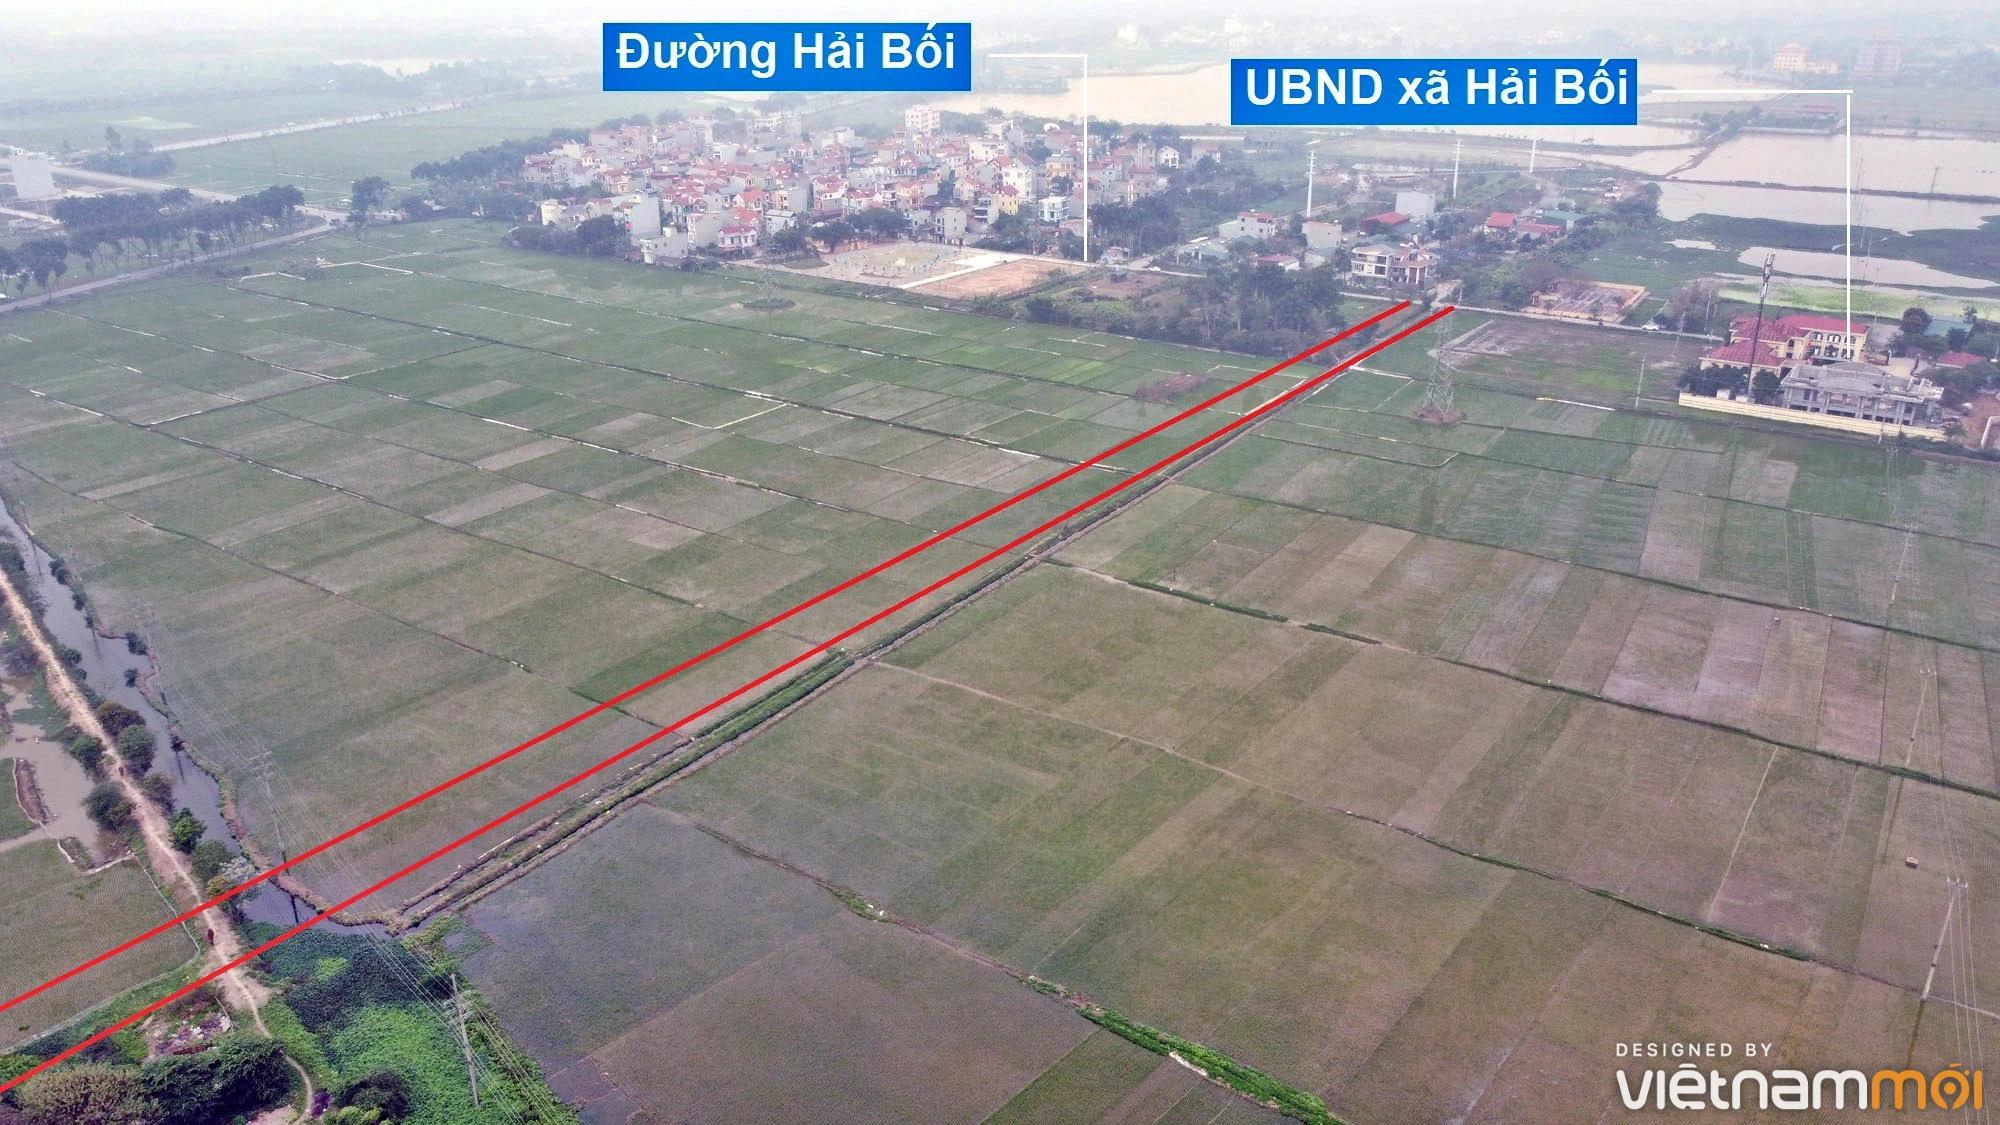 Đường sẽ mở theo quy hoạch ở xã Hải Bối, Đông Anh, Hà Nội (phần 3) - Ảnh 6.